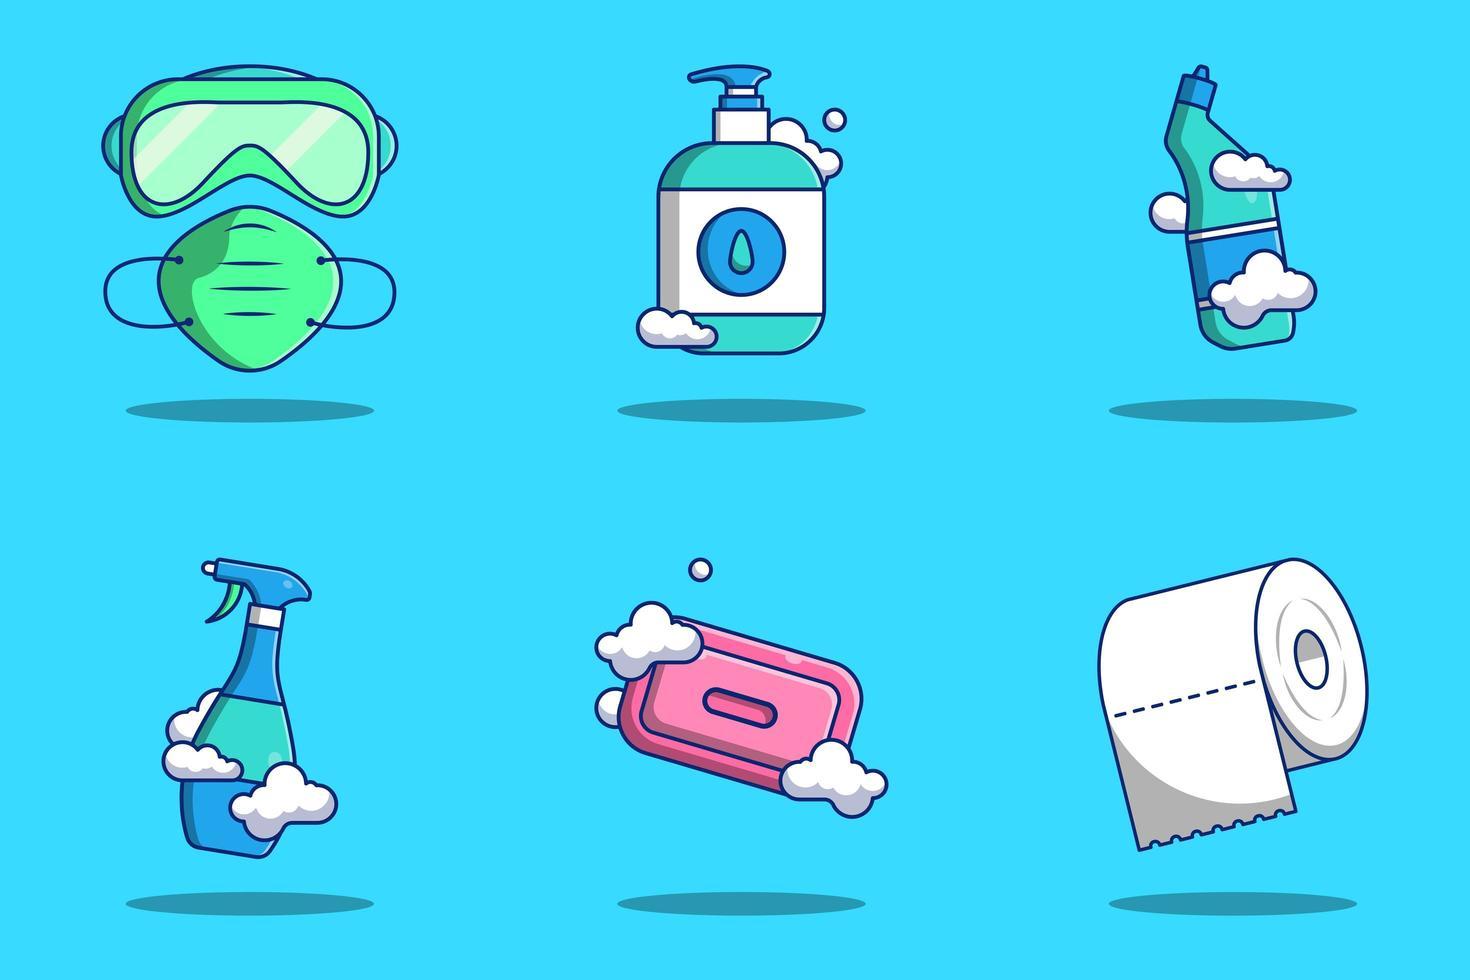 conjunto de iconos de dibujos animados de materiales de protección de coronavirus vector